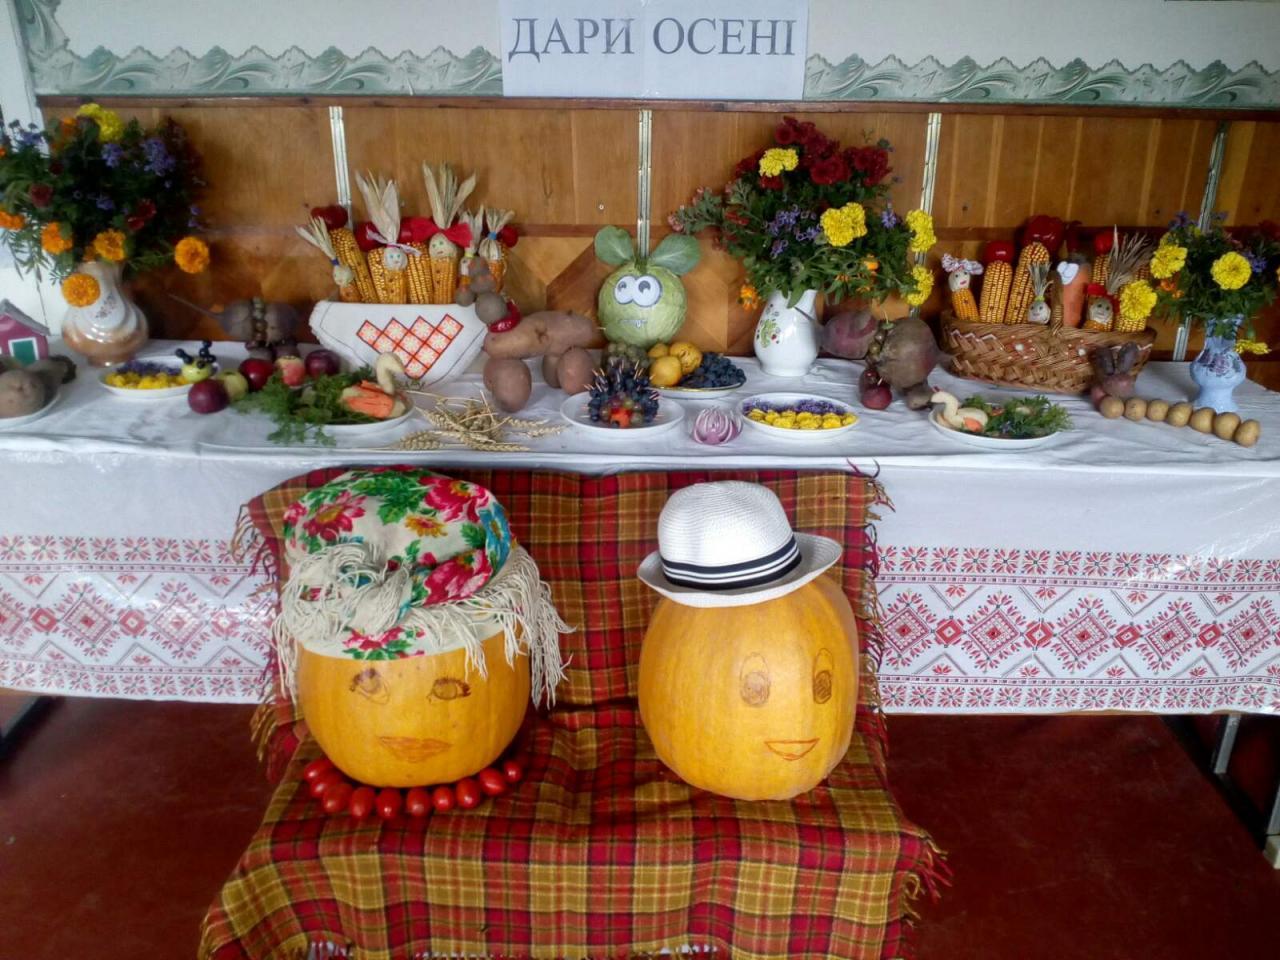 http://dunrada.gov.ua/uploadfile/archive_news/2020/10/16/2020-10-16_193/images/images-62955.jpg